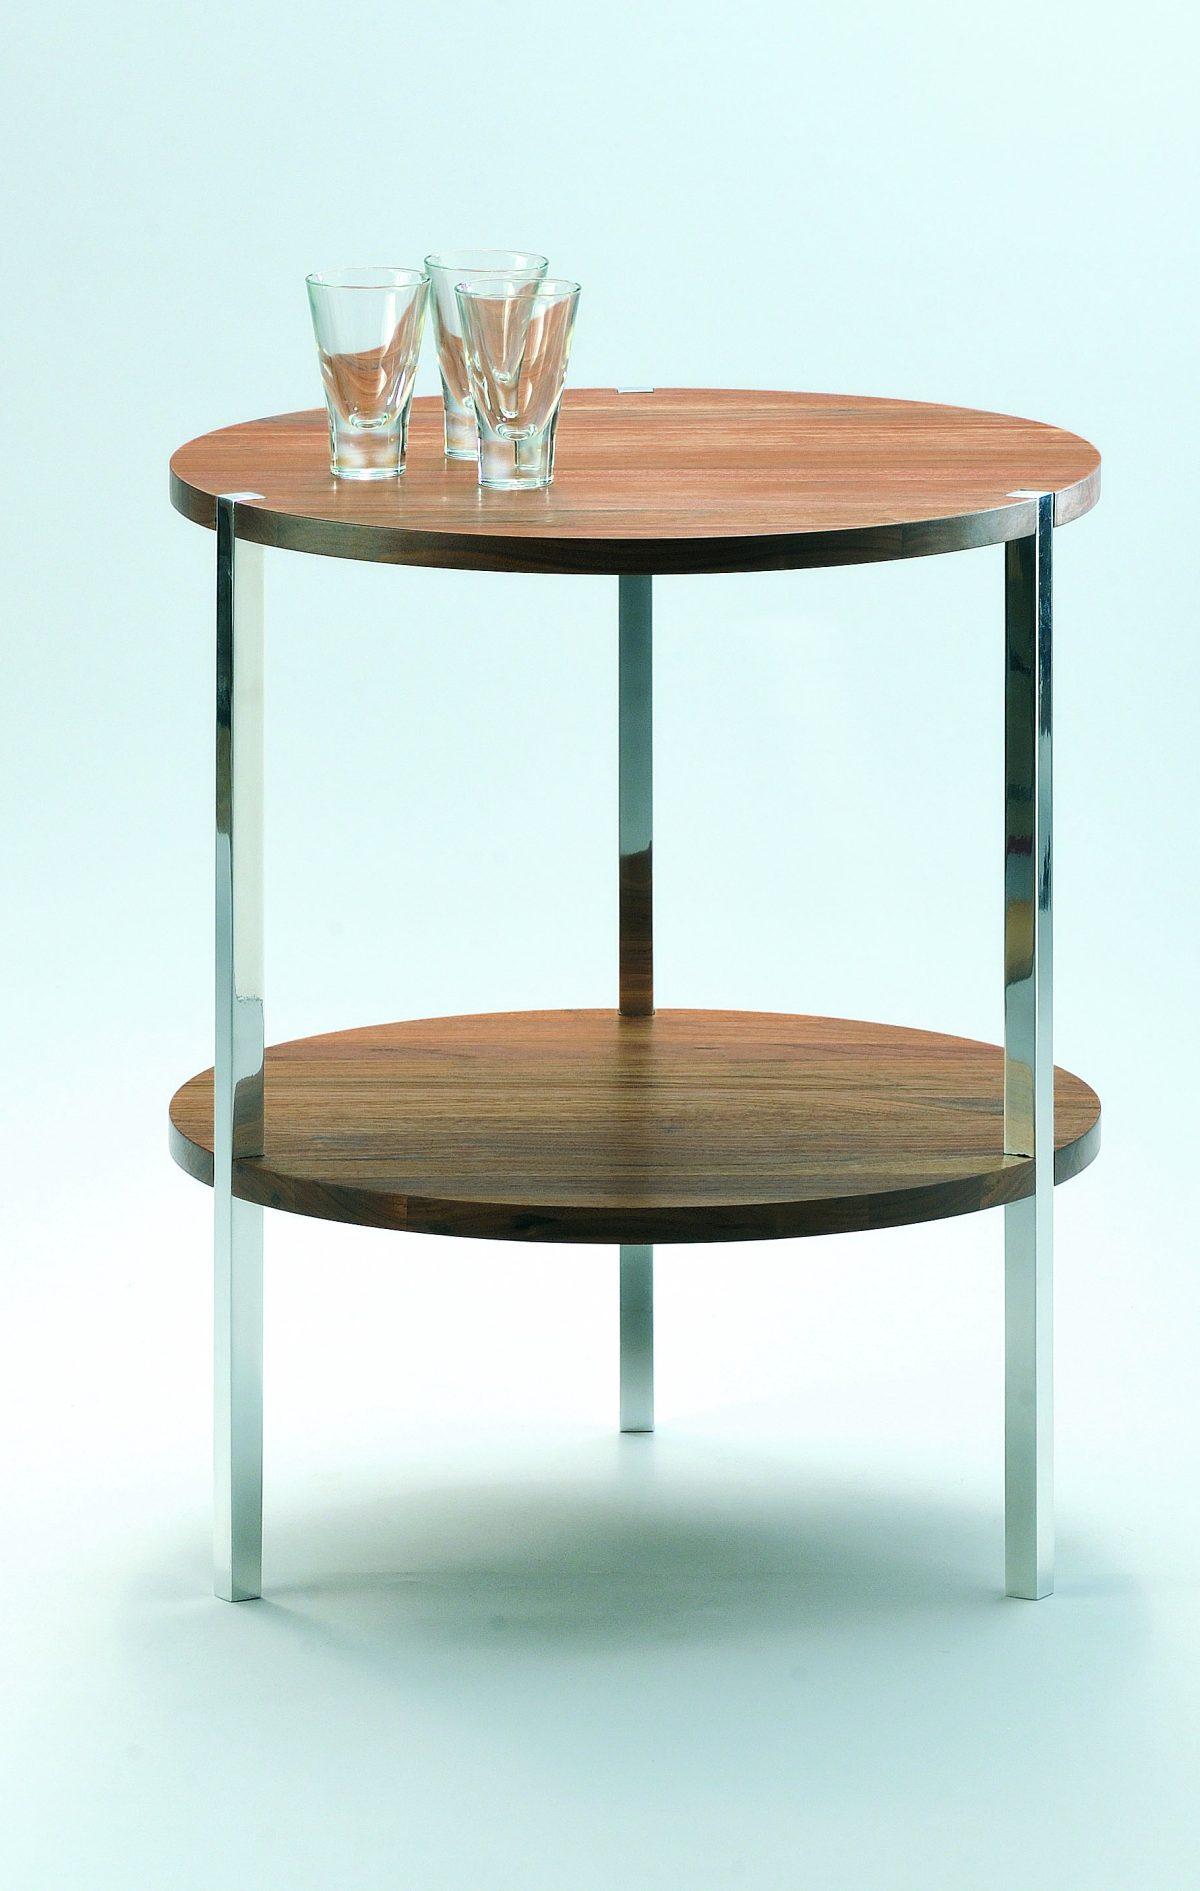 runder Beistelltische mit 2 robusten Tischplatten aus